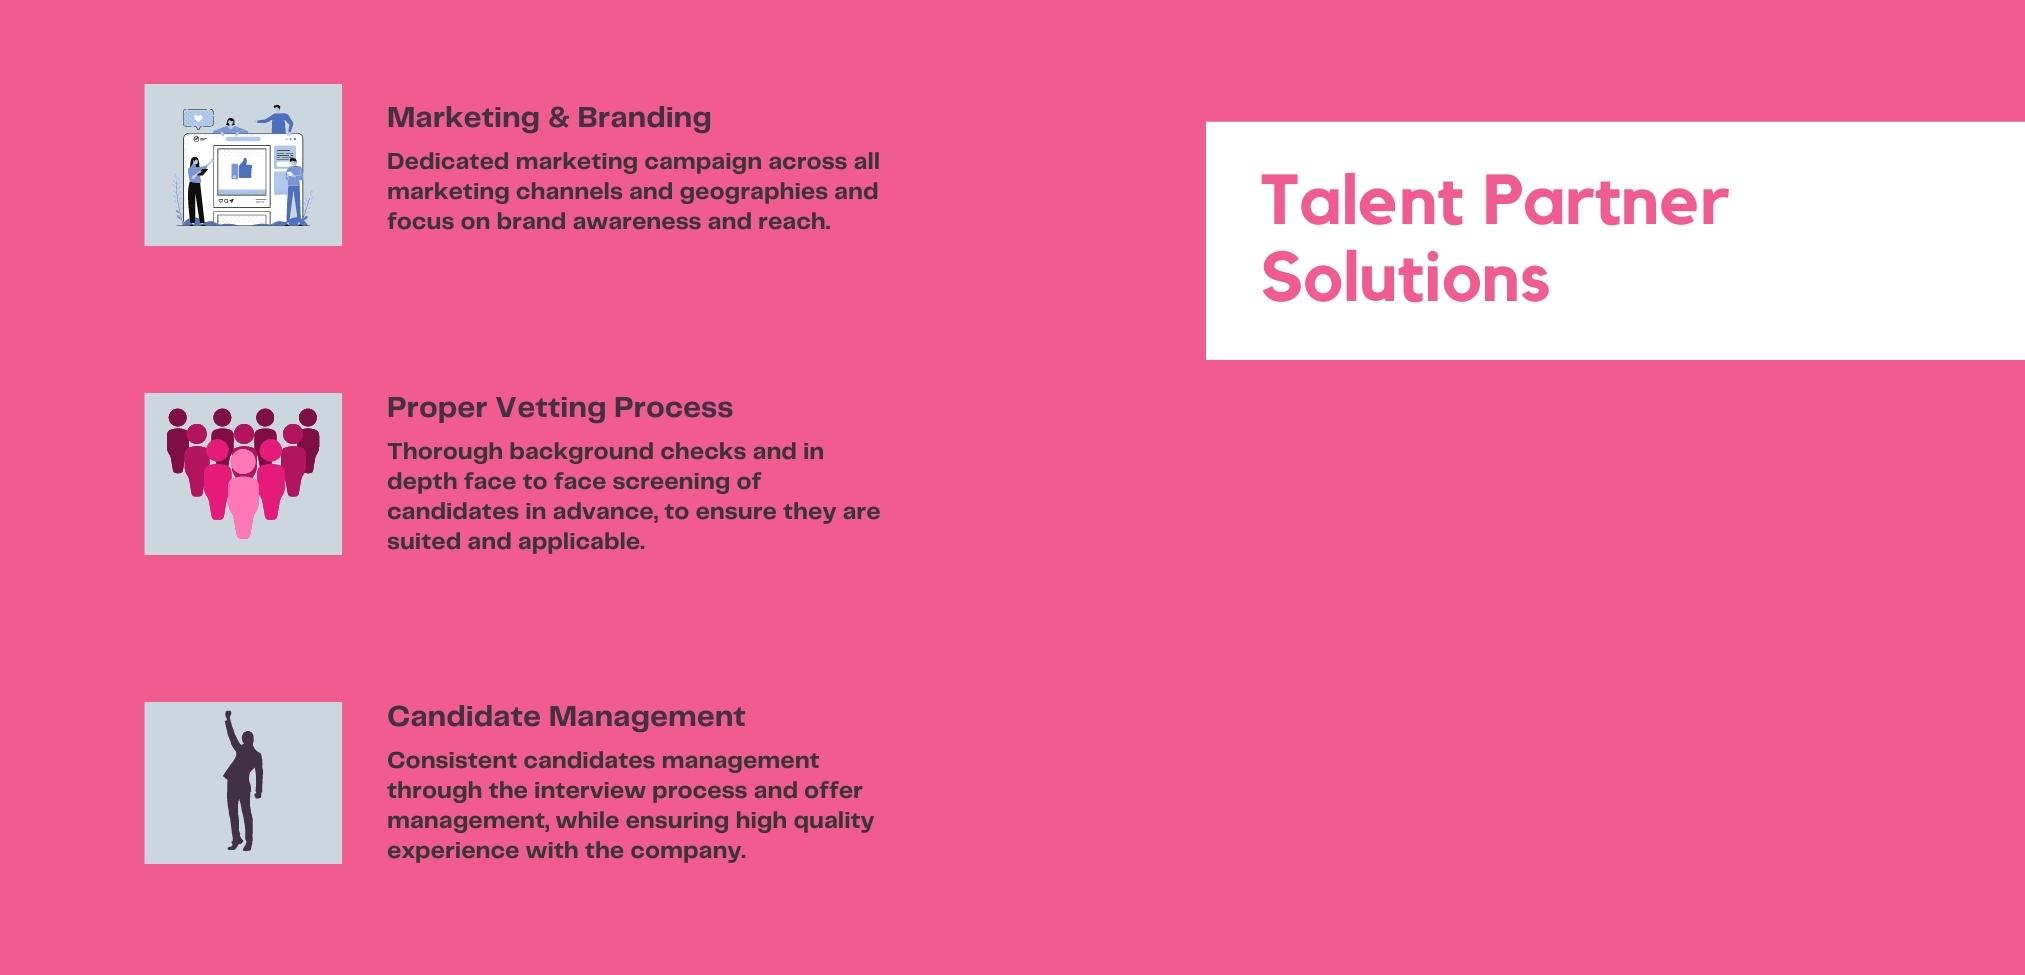 talent partner for tech recruitment help